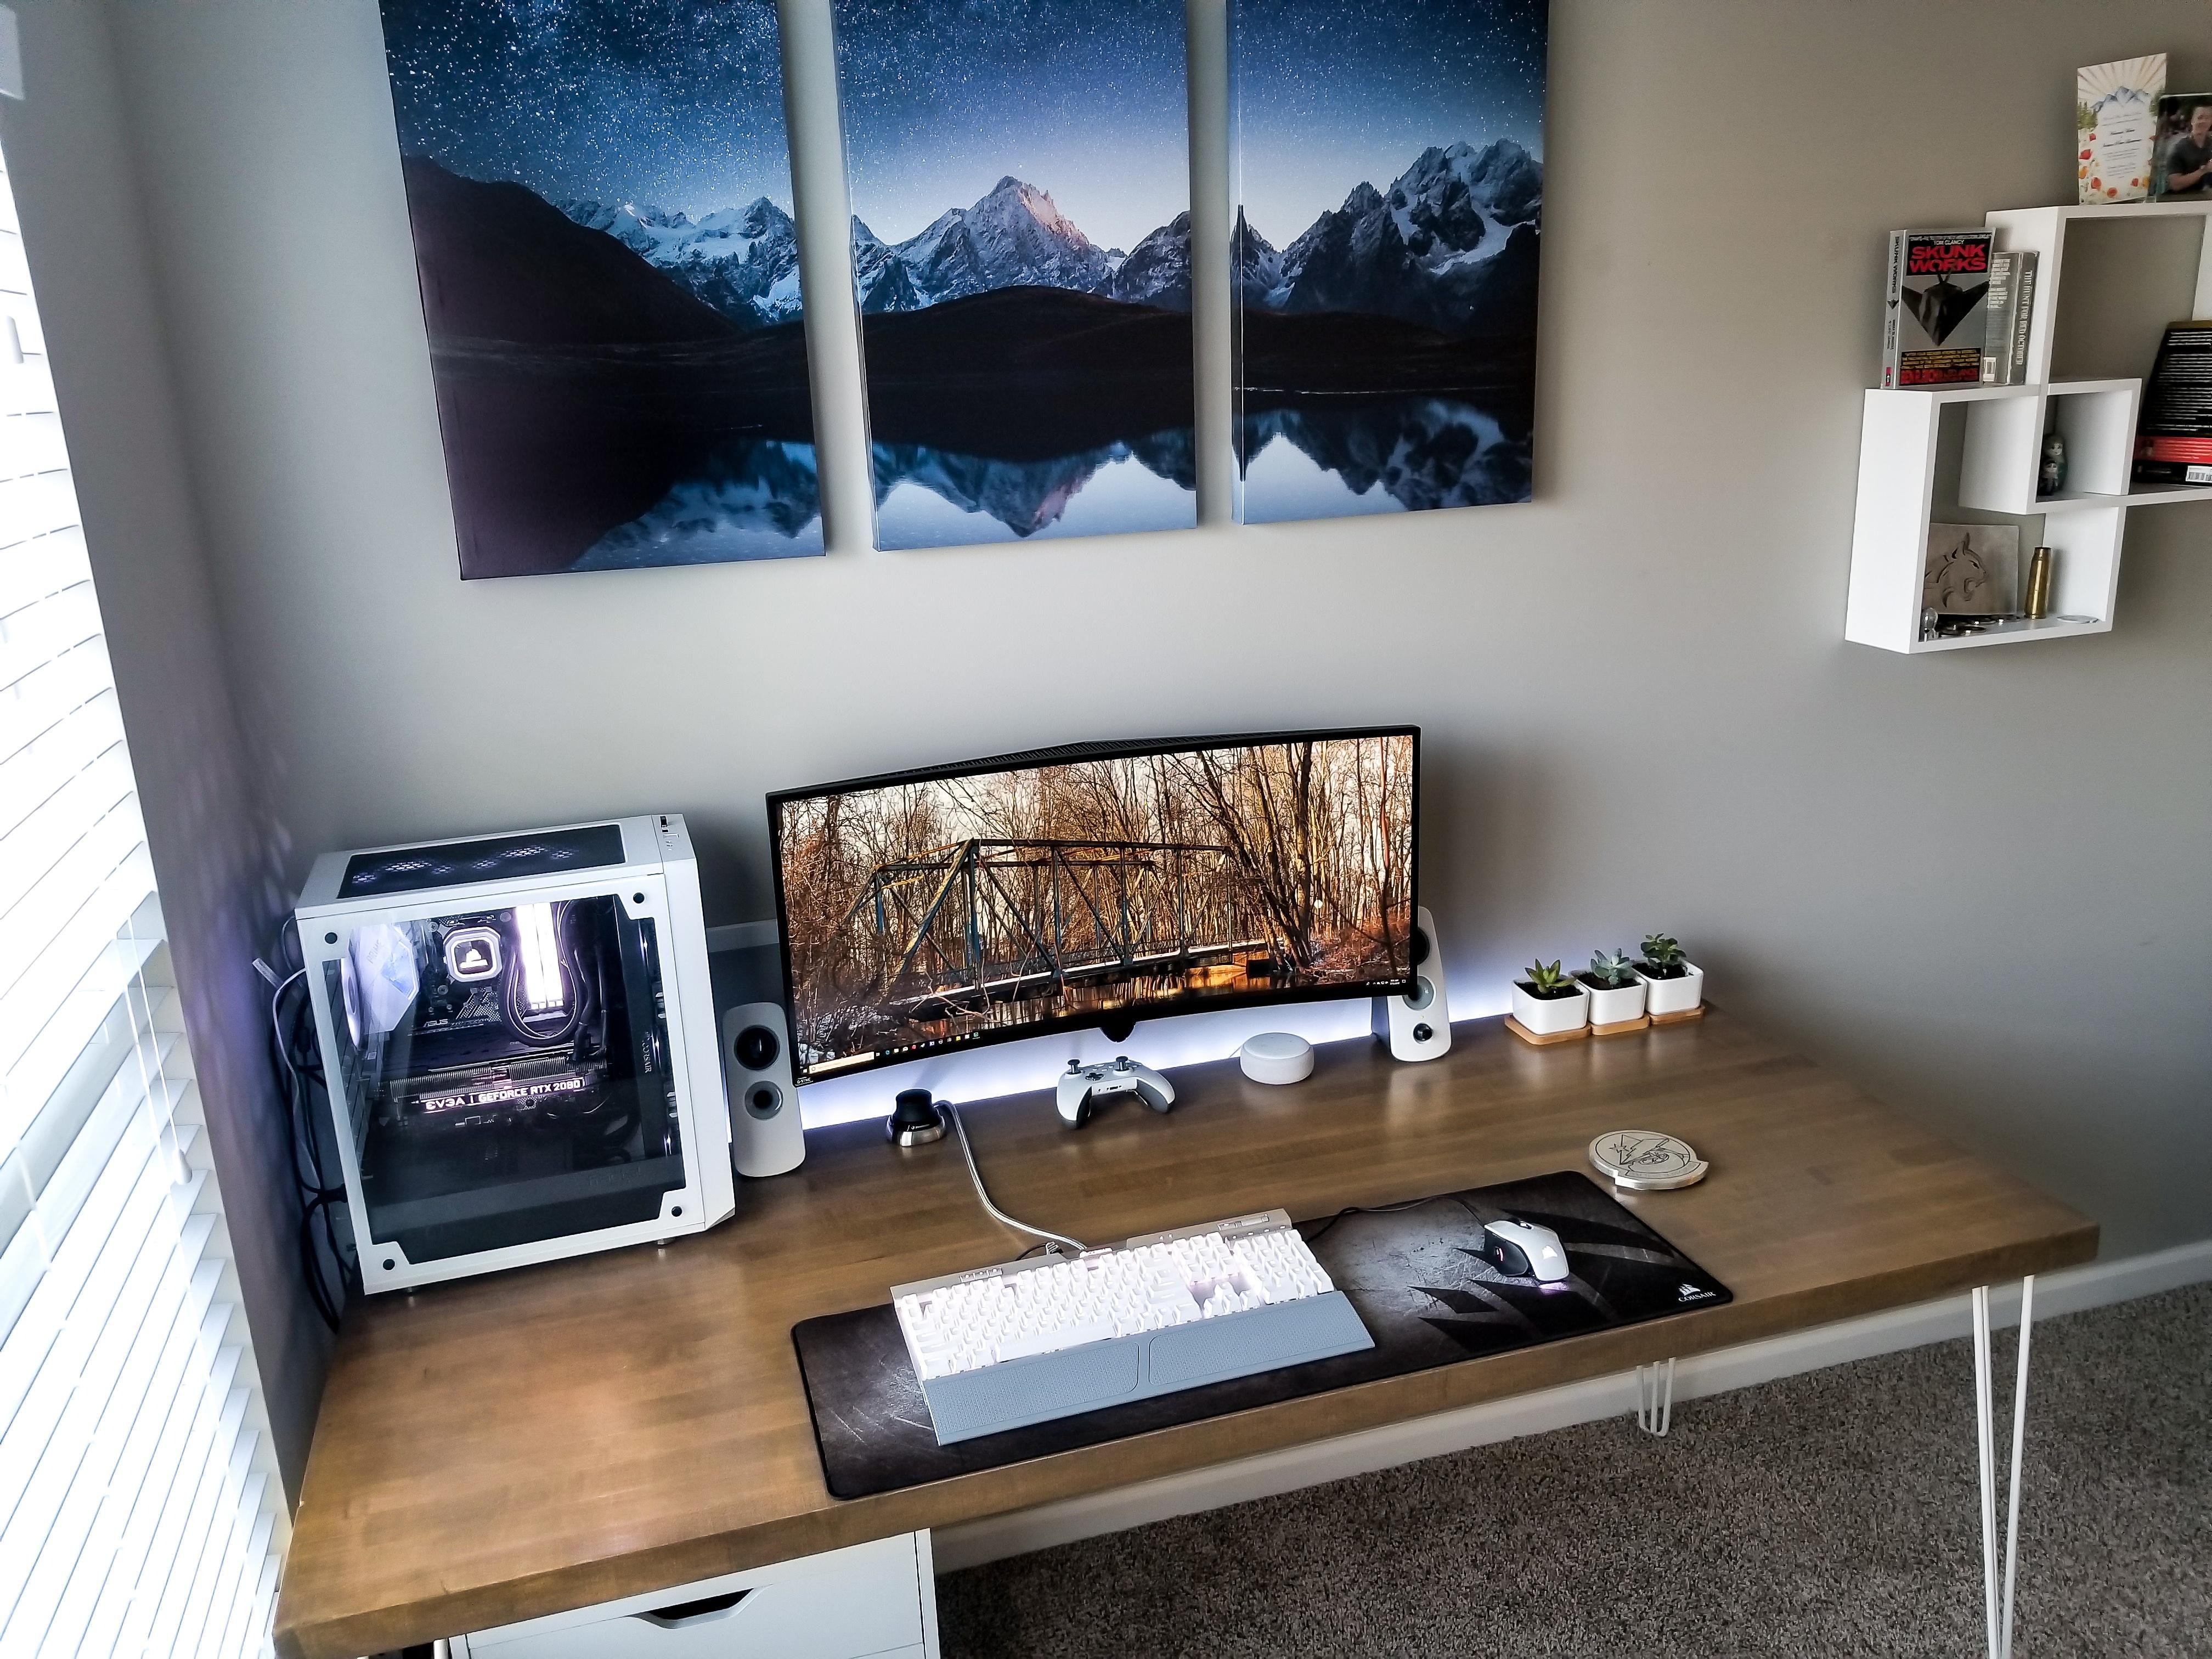 Home Office Battlestation Using White Wood Theme Home Office Design Home Battlestation